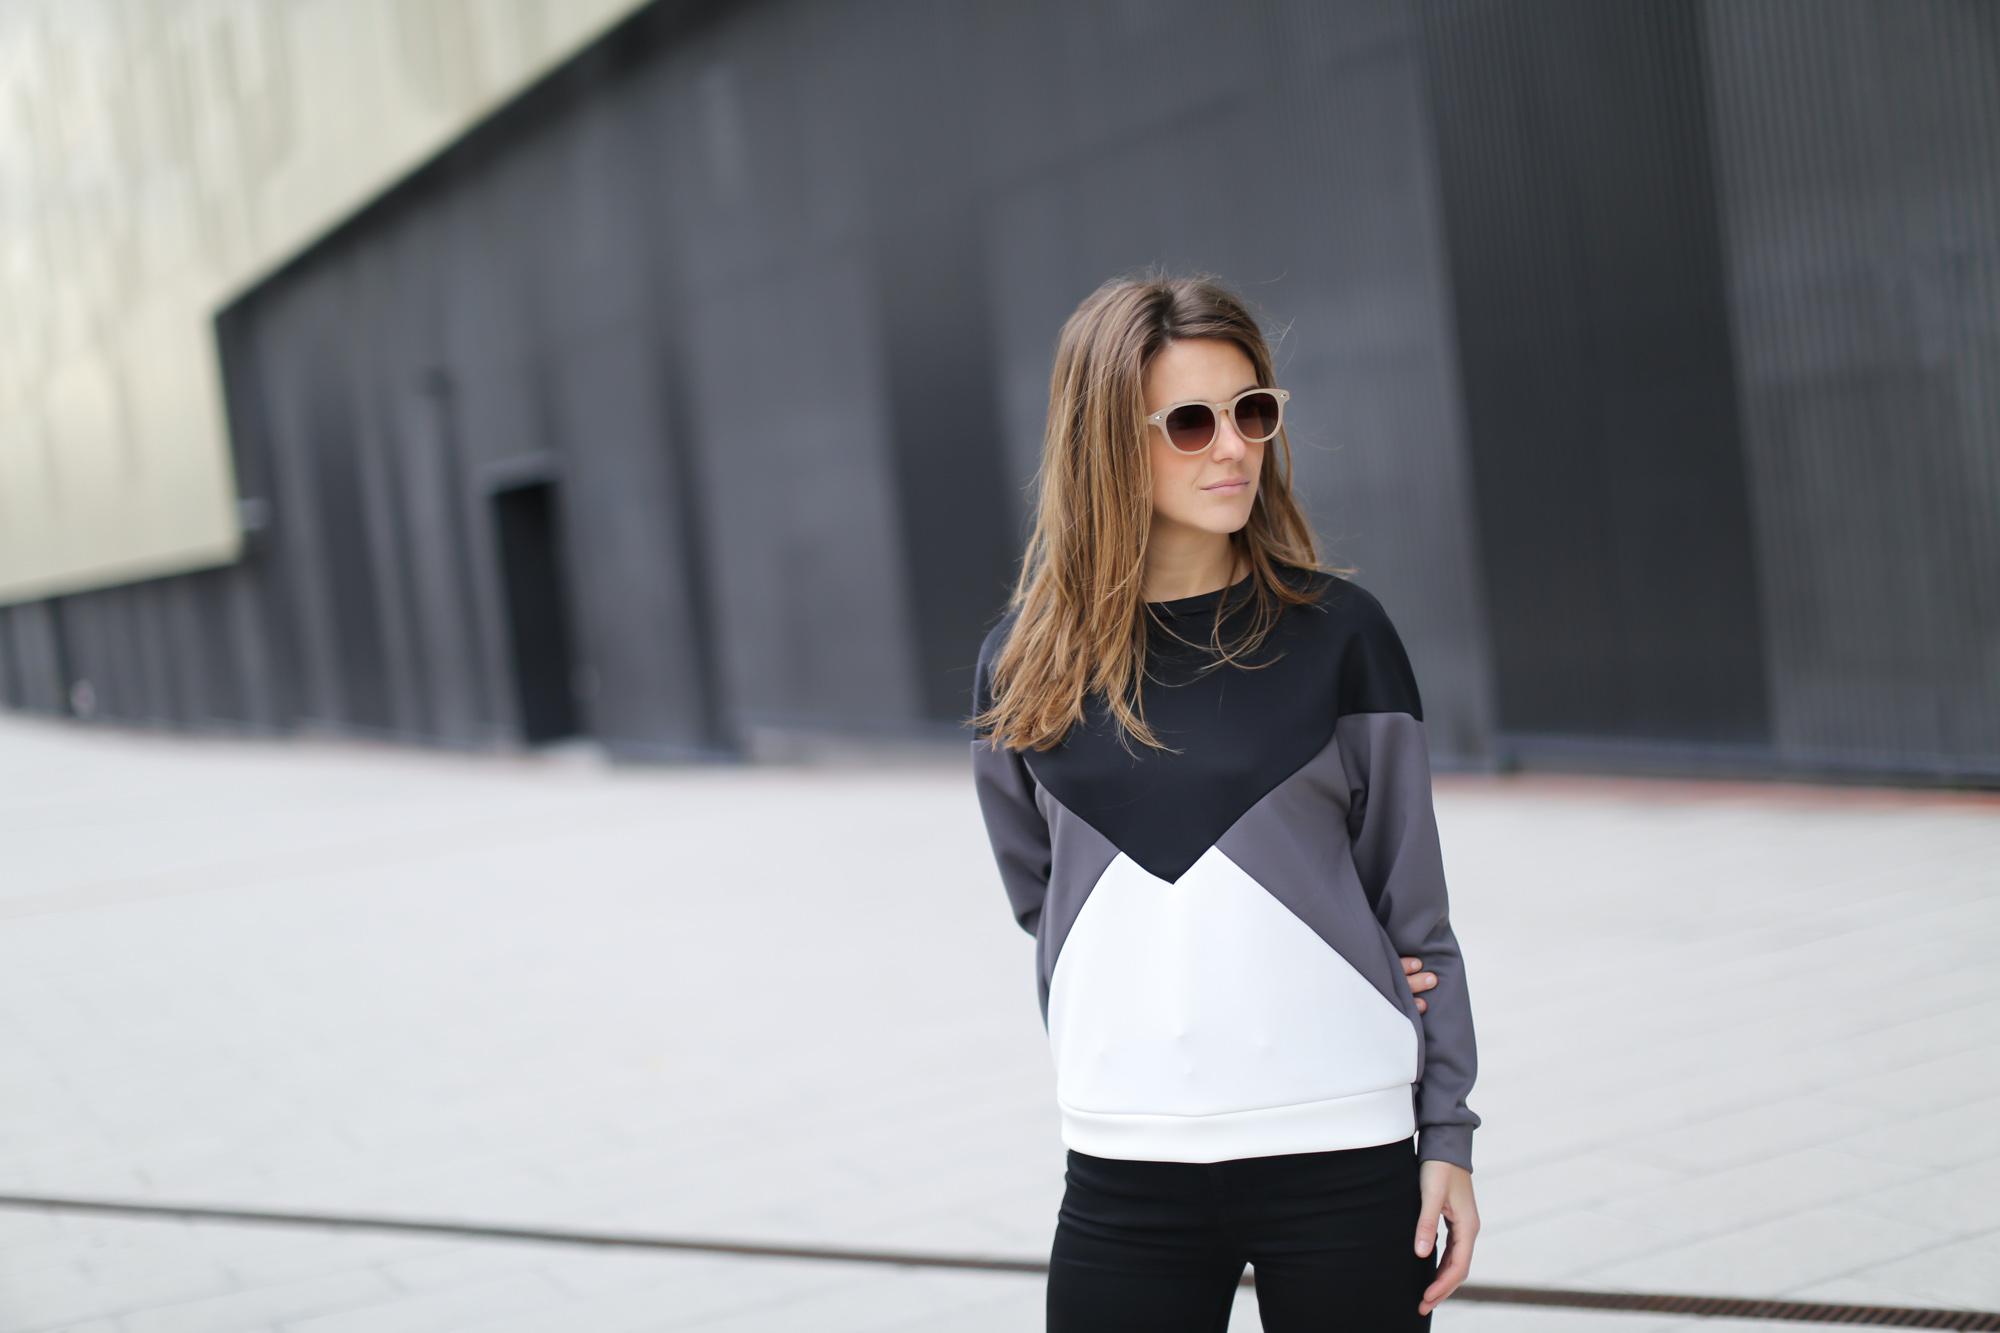 Clochet-streetstyle-suiteblanco-neoprene-sweatshirt-lykke-li-loafers-2